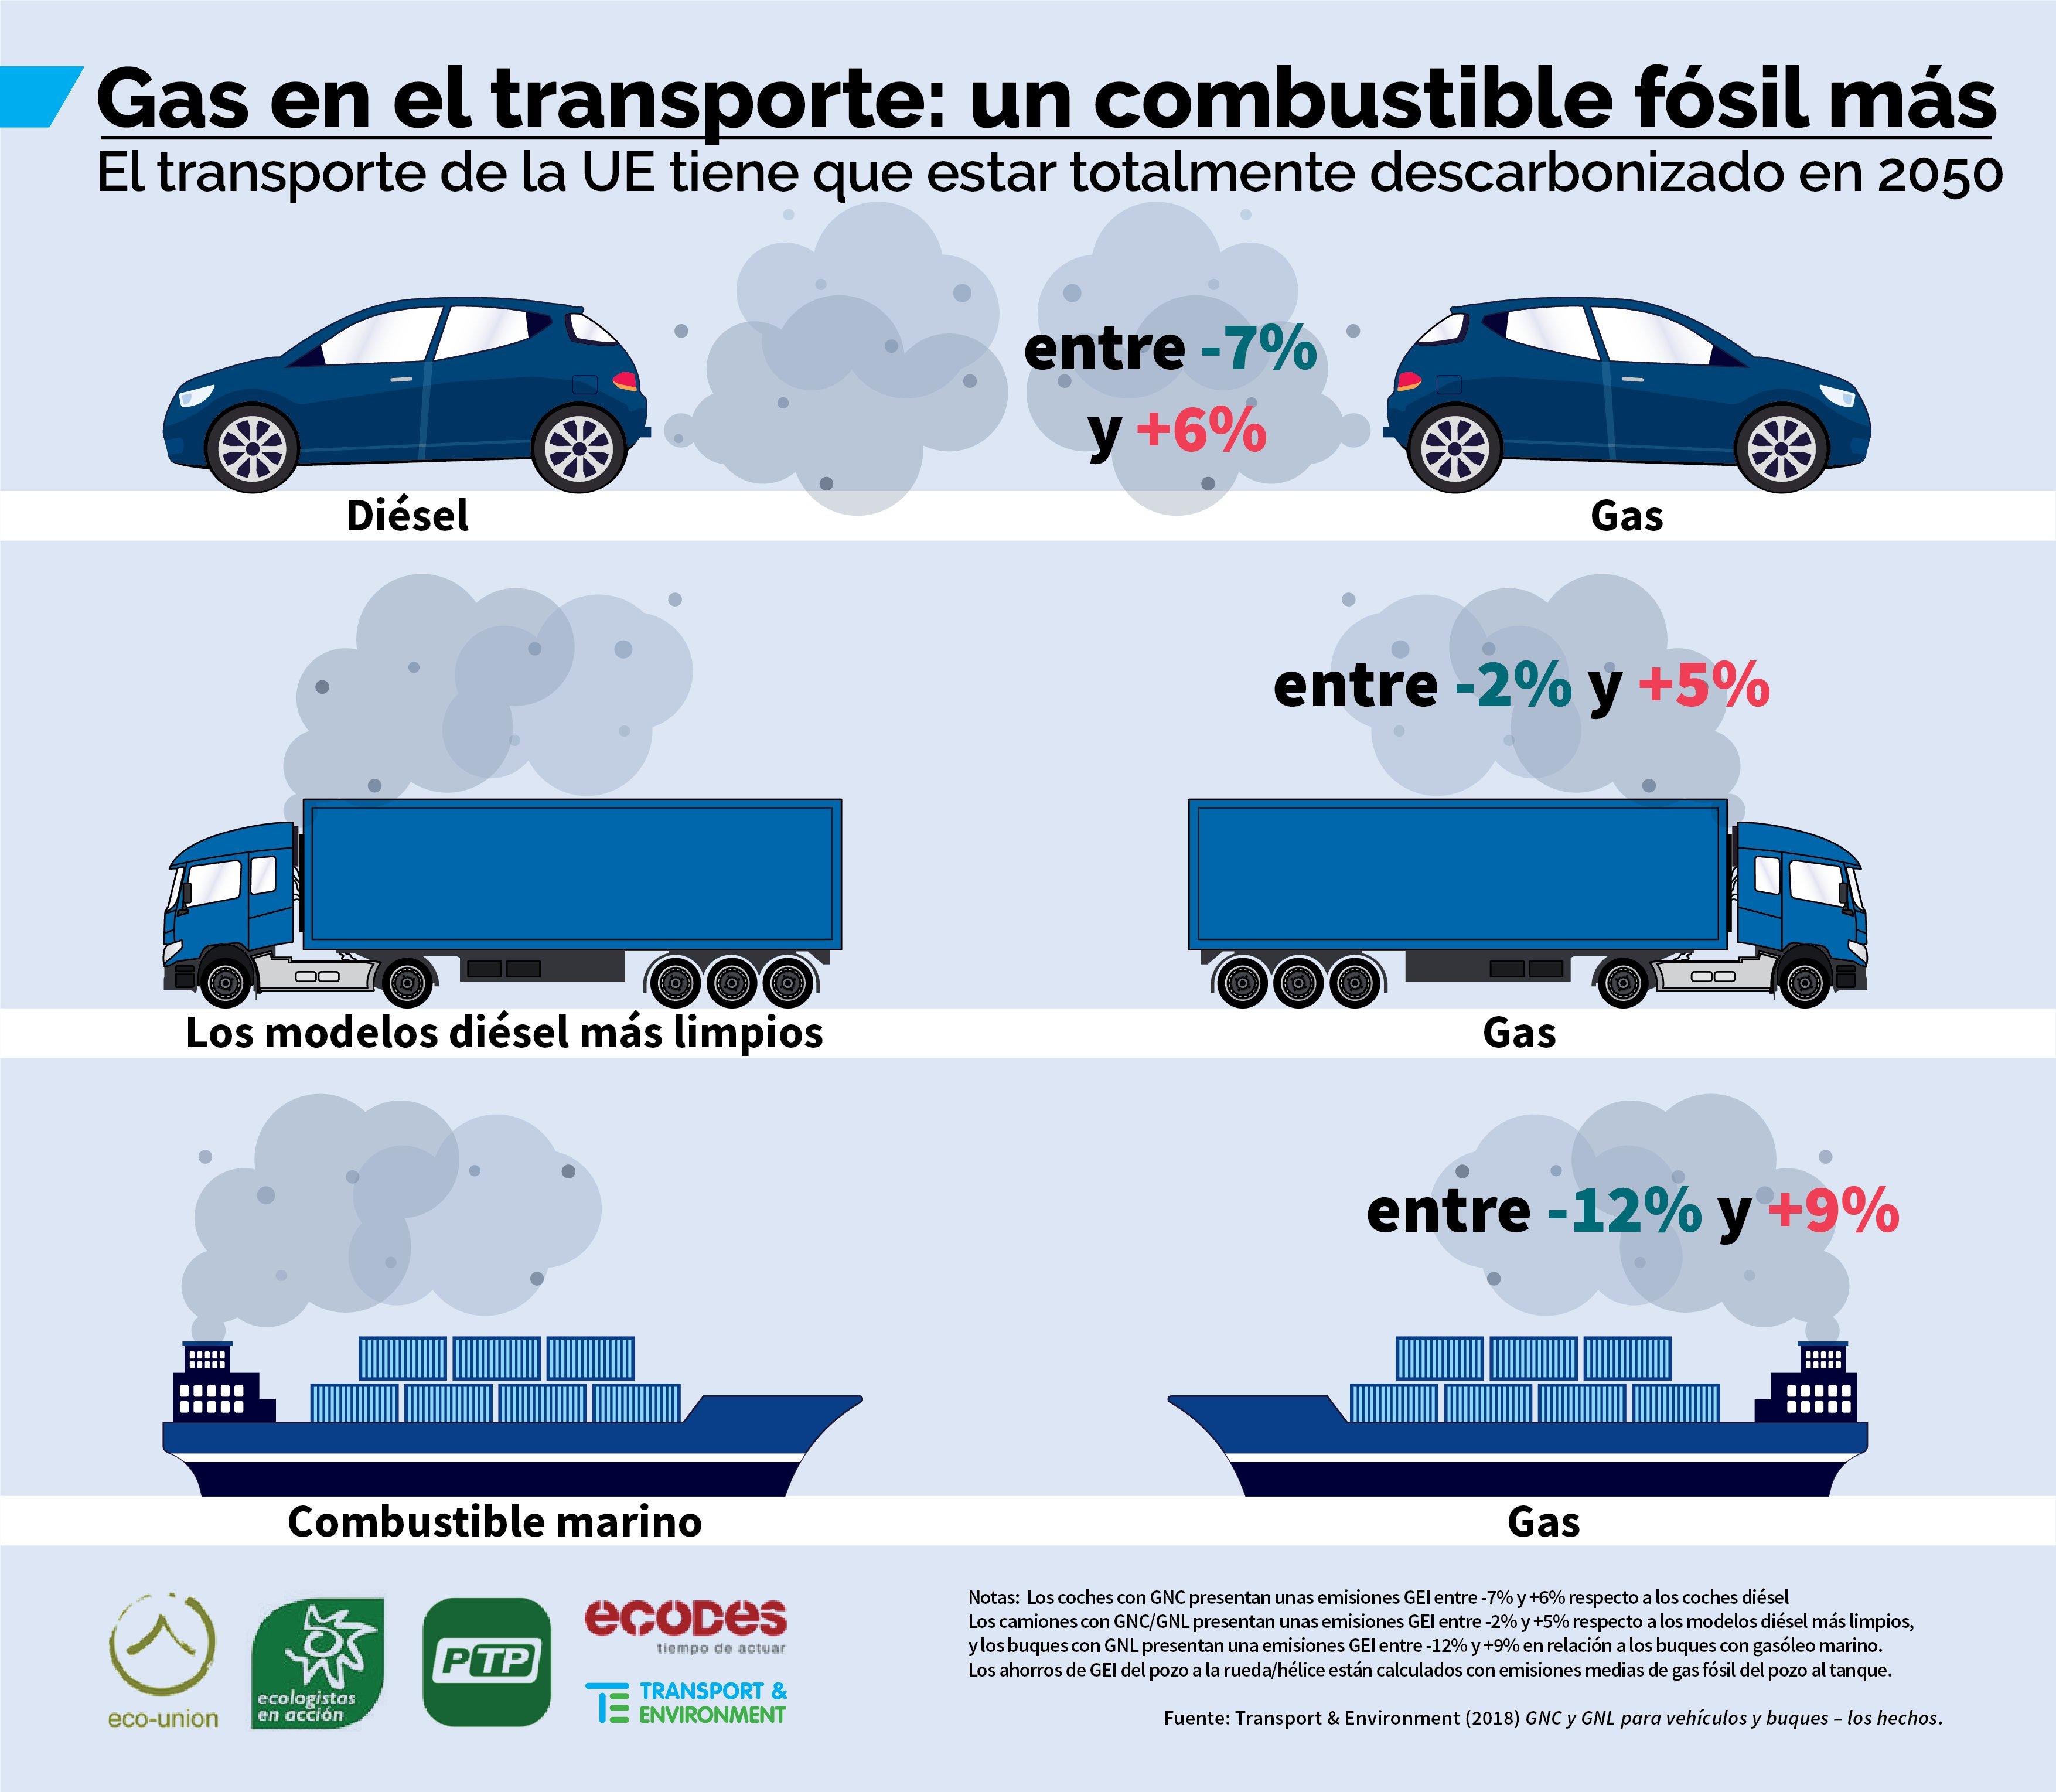 Gas en el transporte